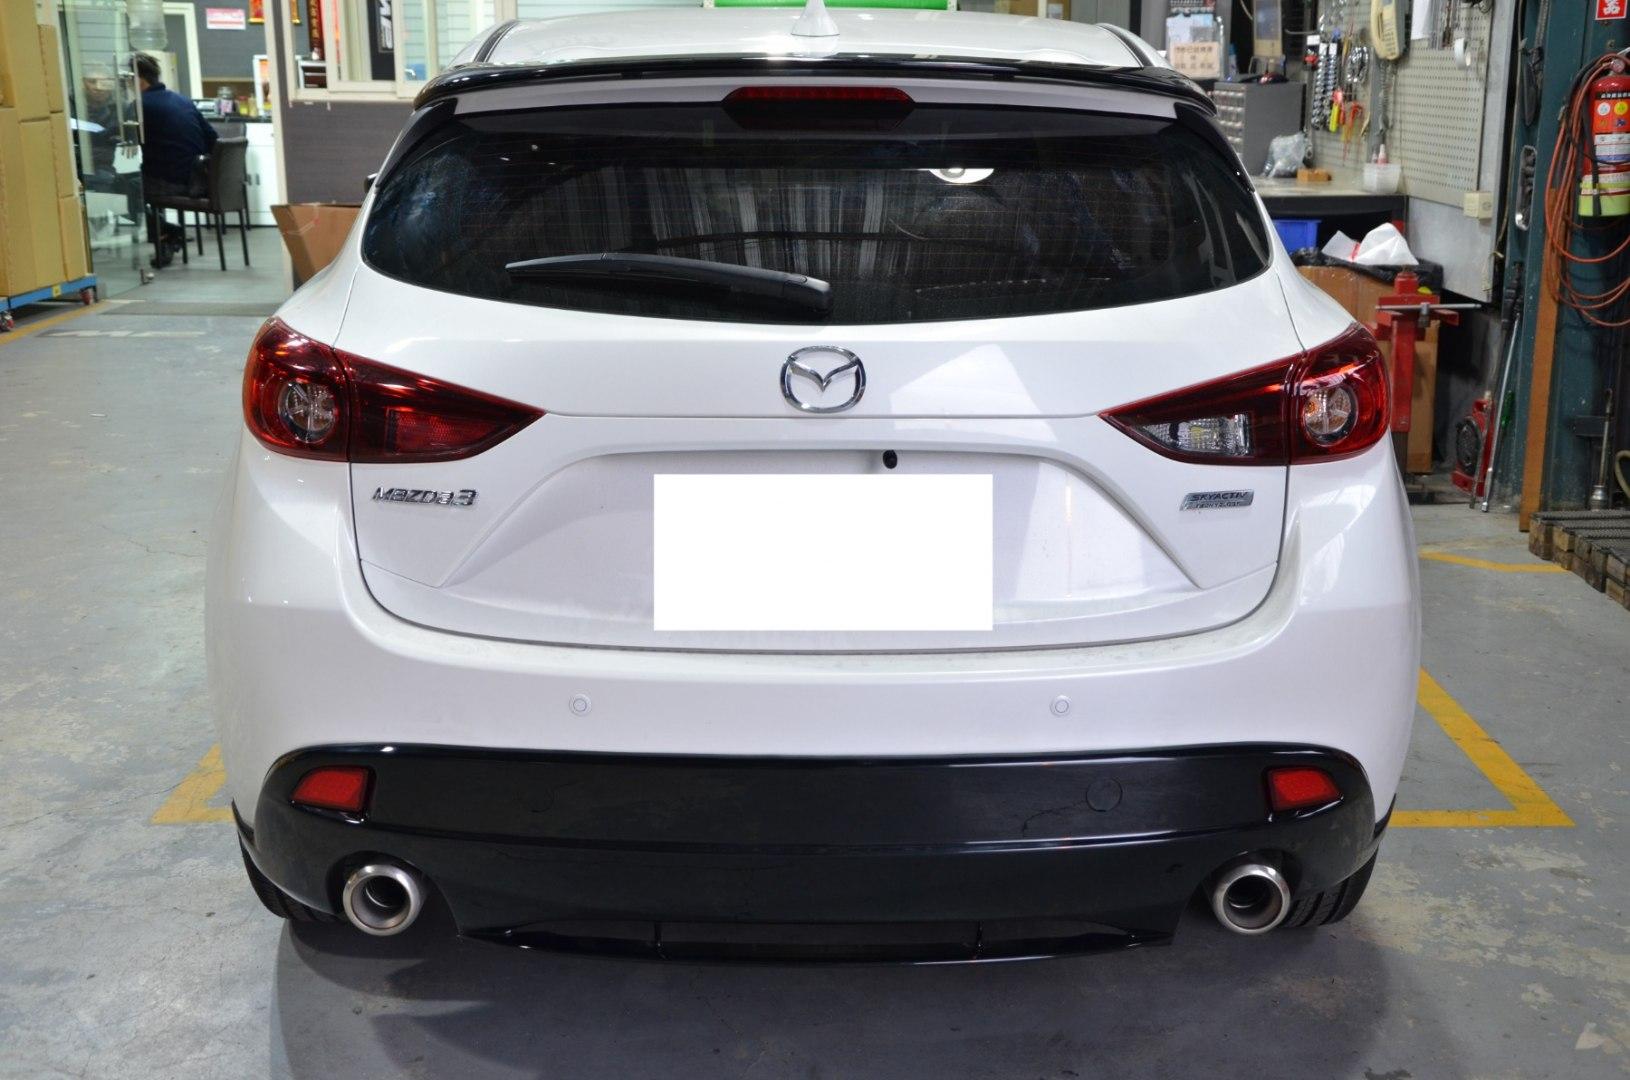 Dokładka zderzaka tylnego Mazda 3 5D 14- MZ Style - GRUBYGARAGE - Sklep Tuningowy